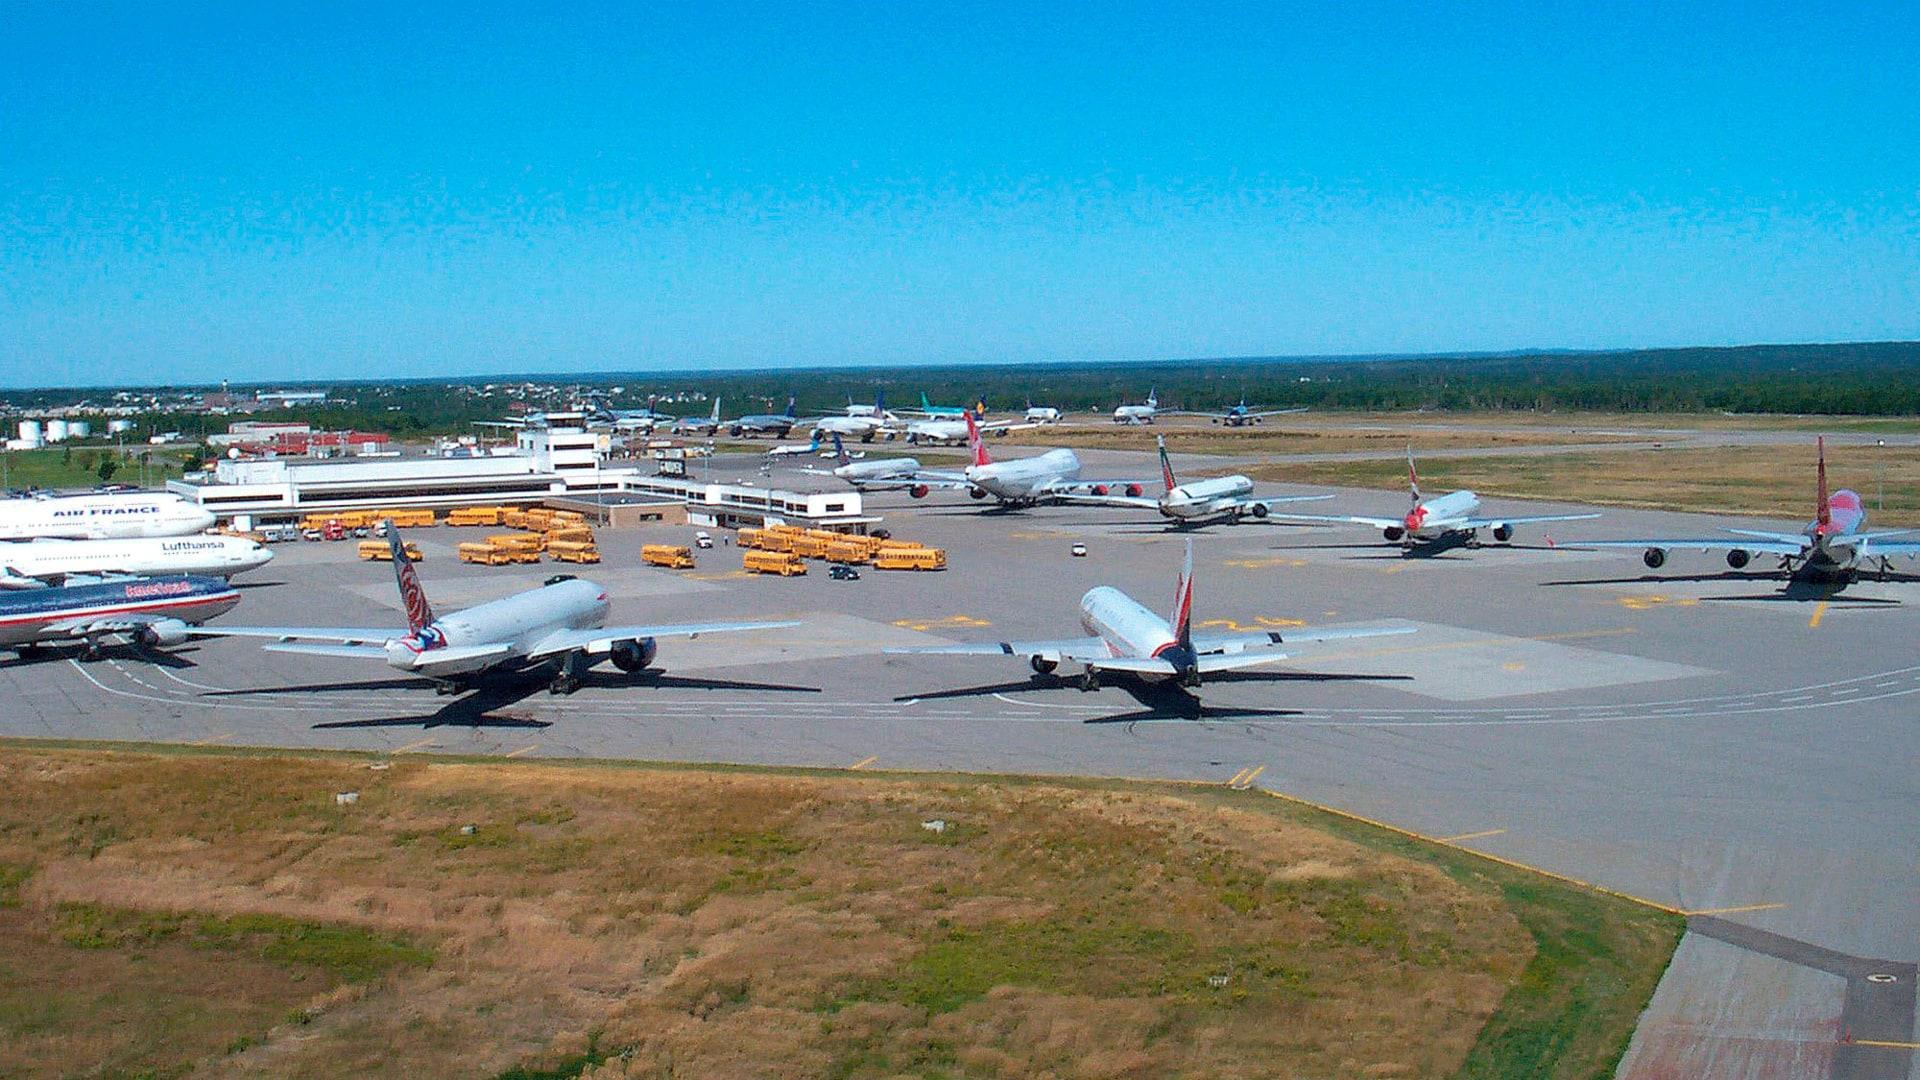 قصة ألهمت مسرحية في برودواي.. قام هذا المطار الكندي بإيواء 7 آلاف شخص في 11 سبتمبر